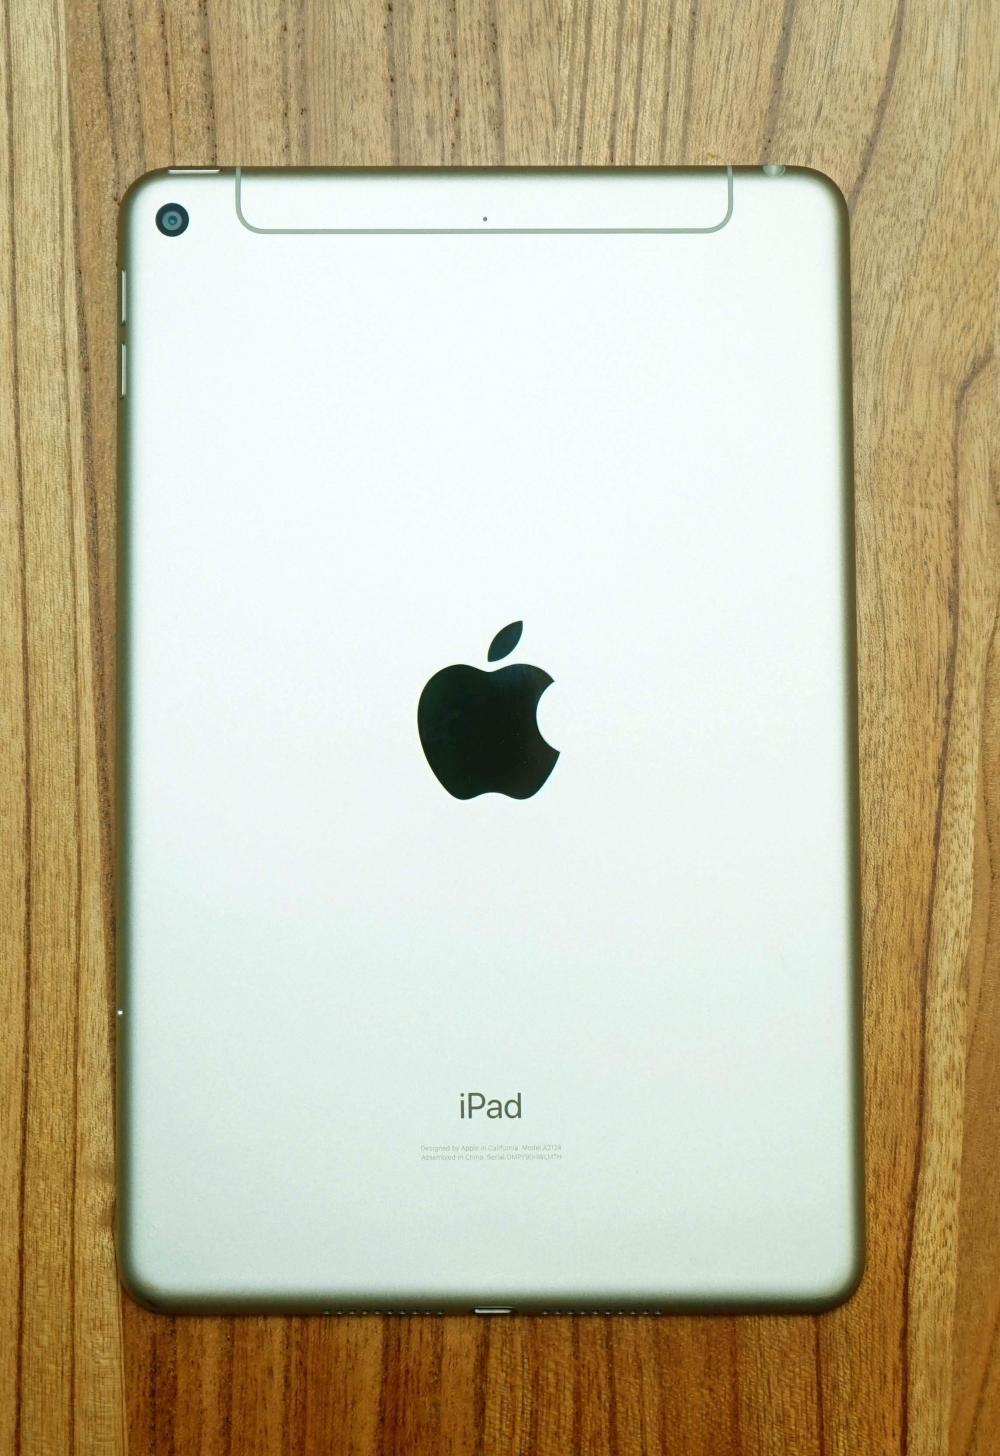 新iPad mini繼續以纖薄小巧機身作賣點。